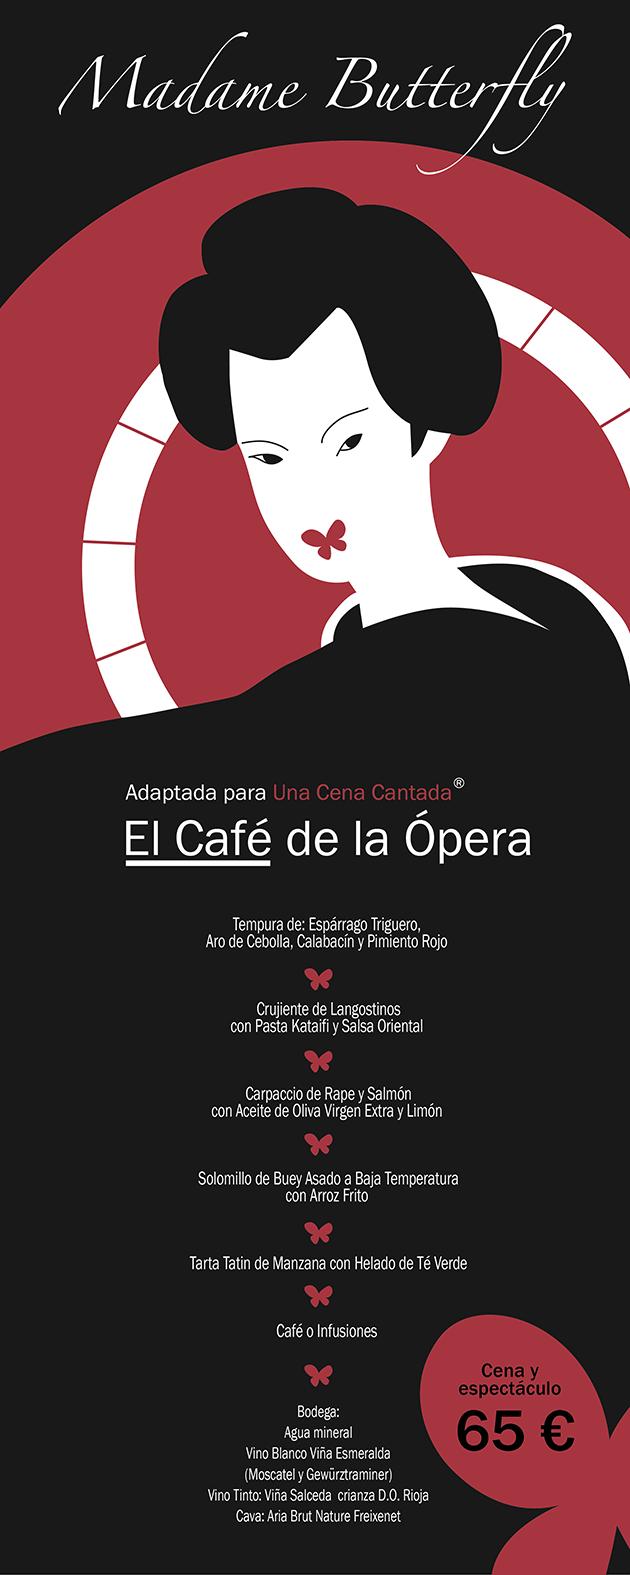 una cena cantada hotel opera teatro real madrid espectáculo cartel rollup el café